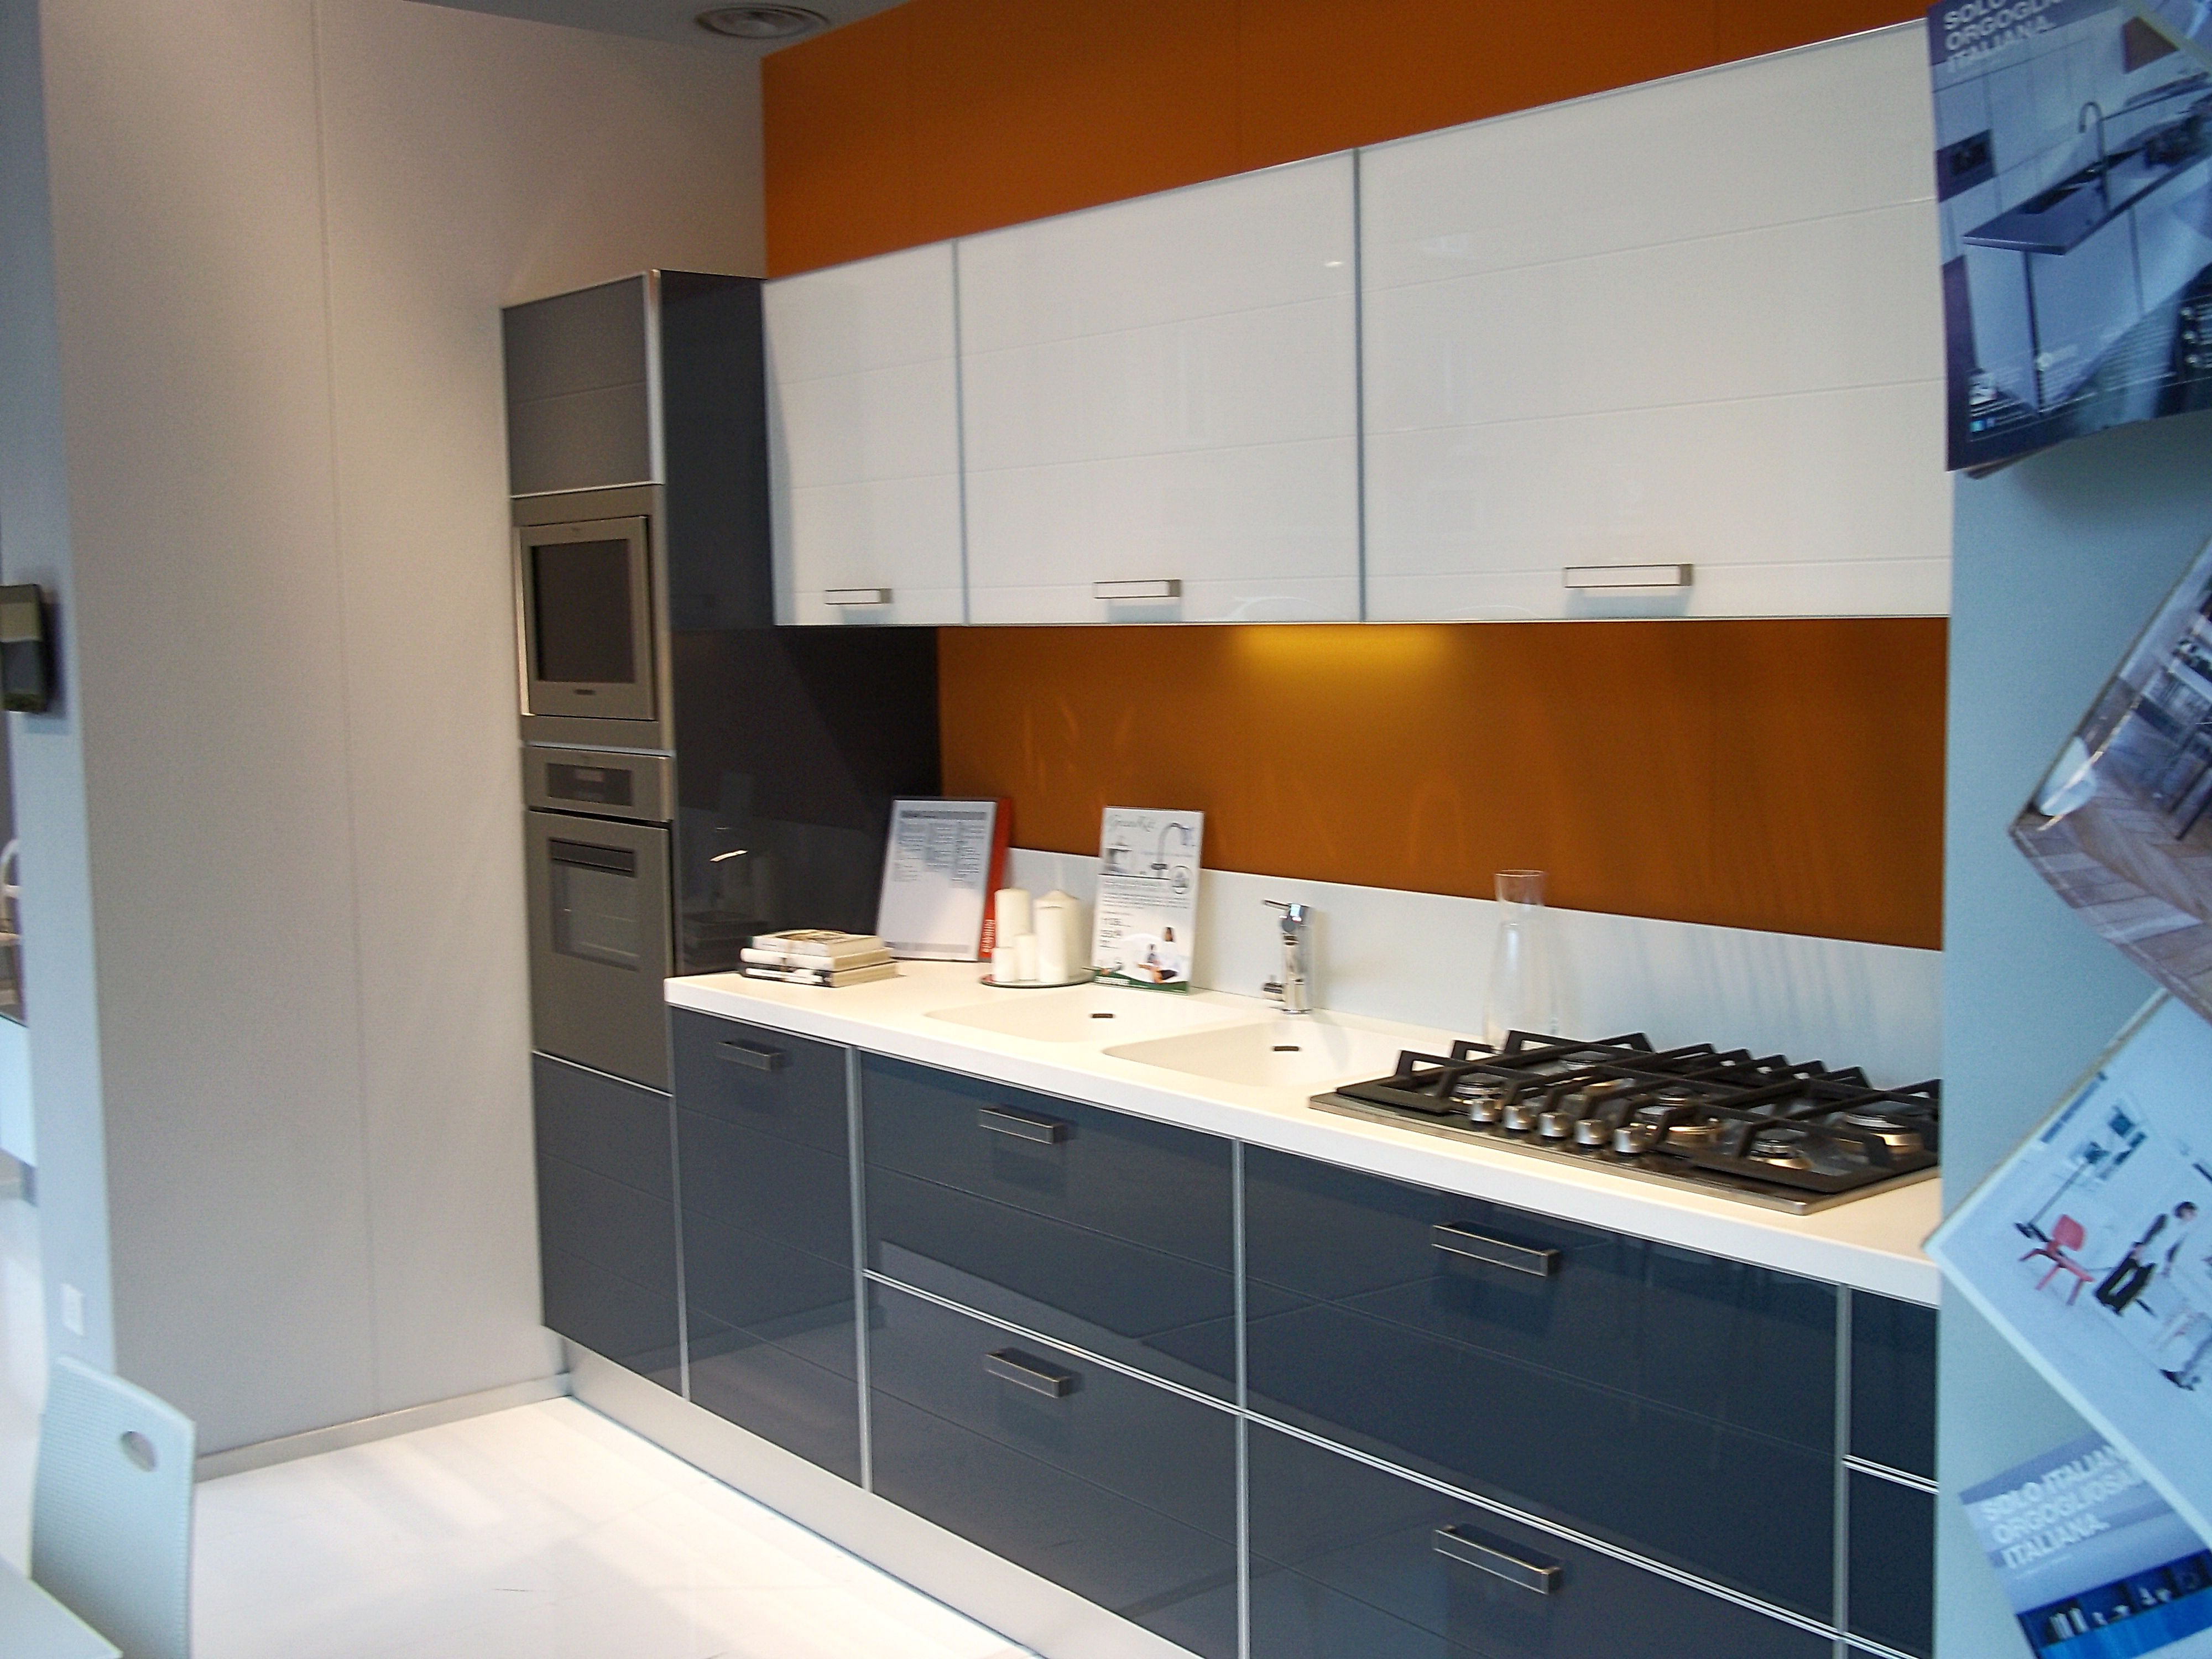 Cucine moderne Scavolini - Crystal in esposizione nello showroom di ...